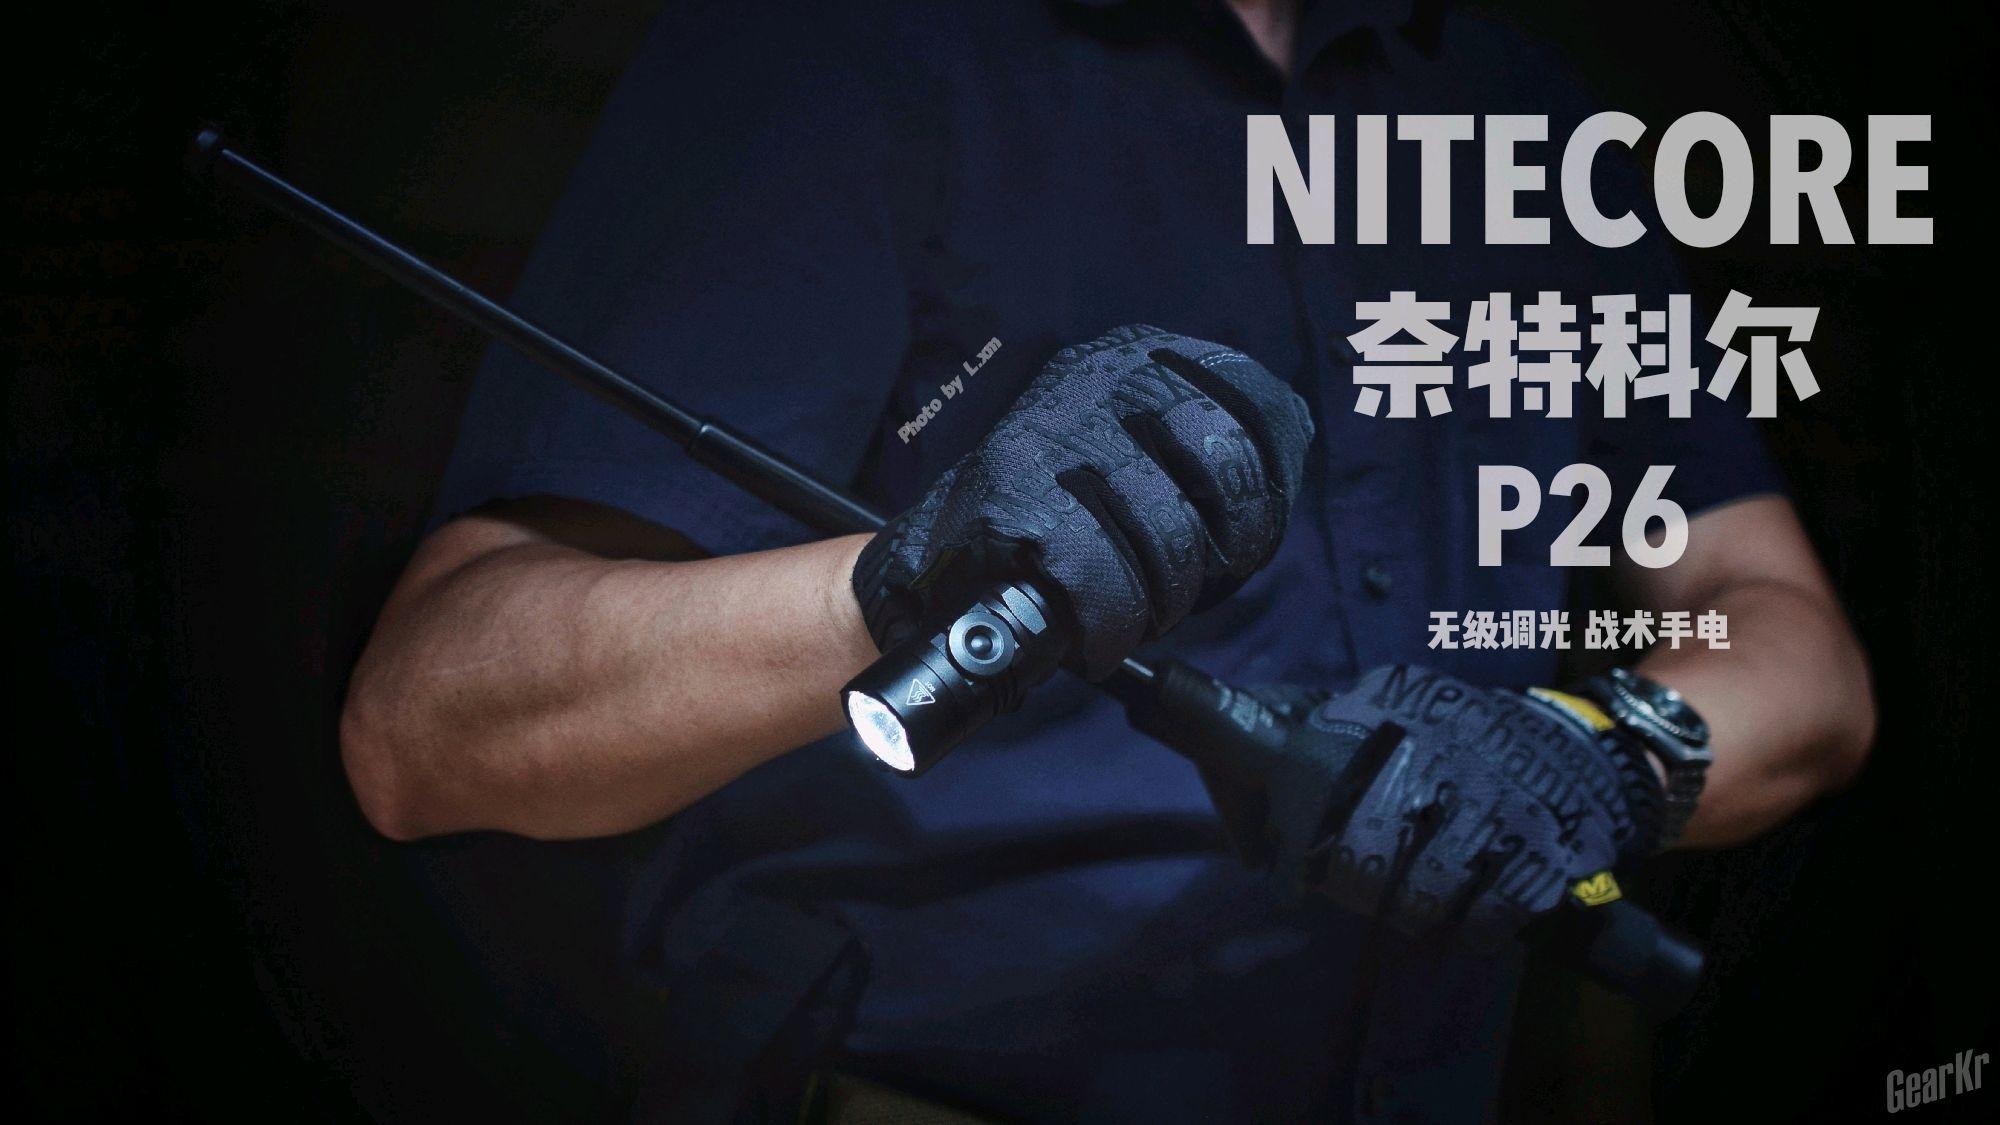 指尖划动的快感,奈特科尔P26战术手电使用感受。